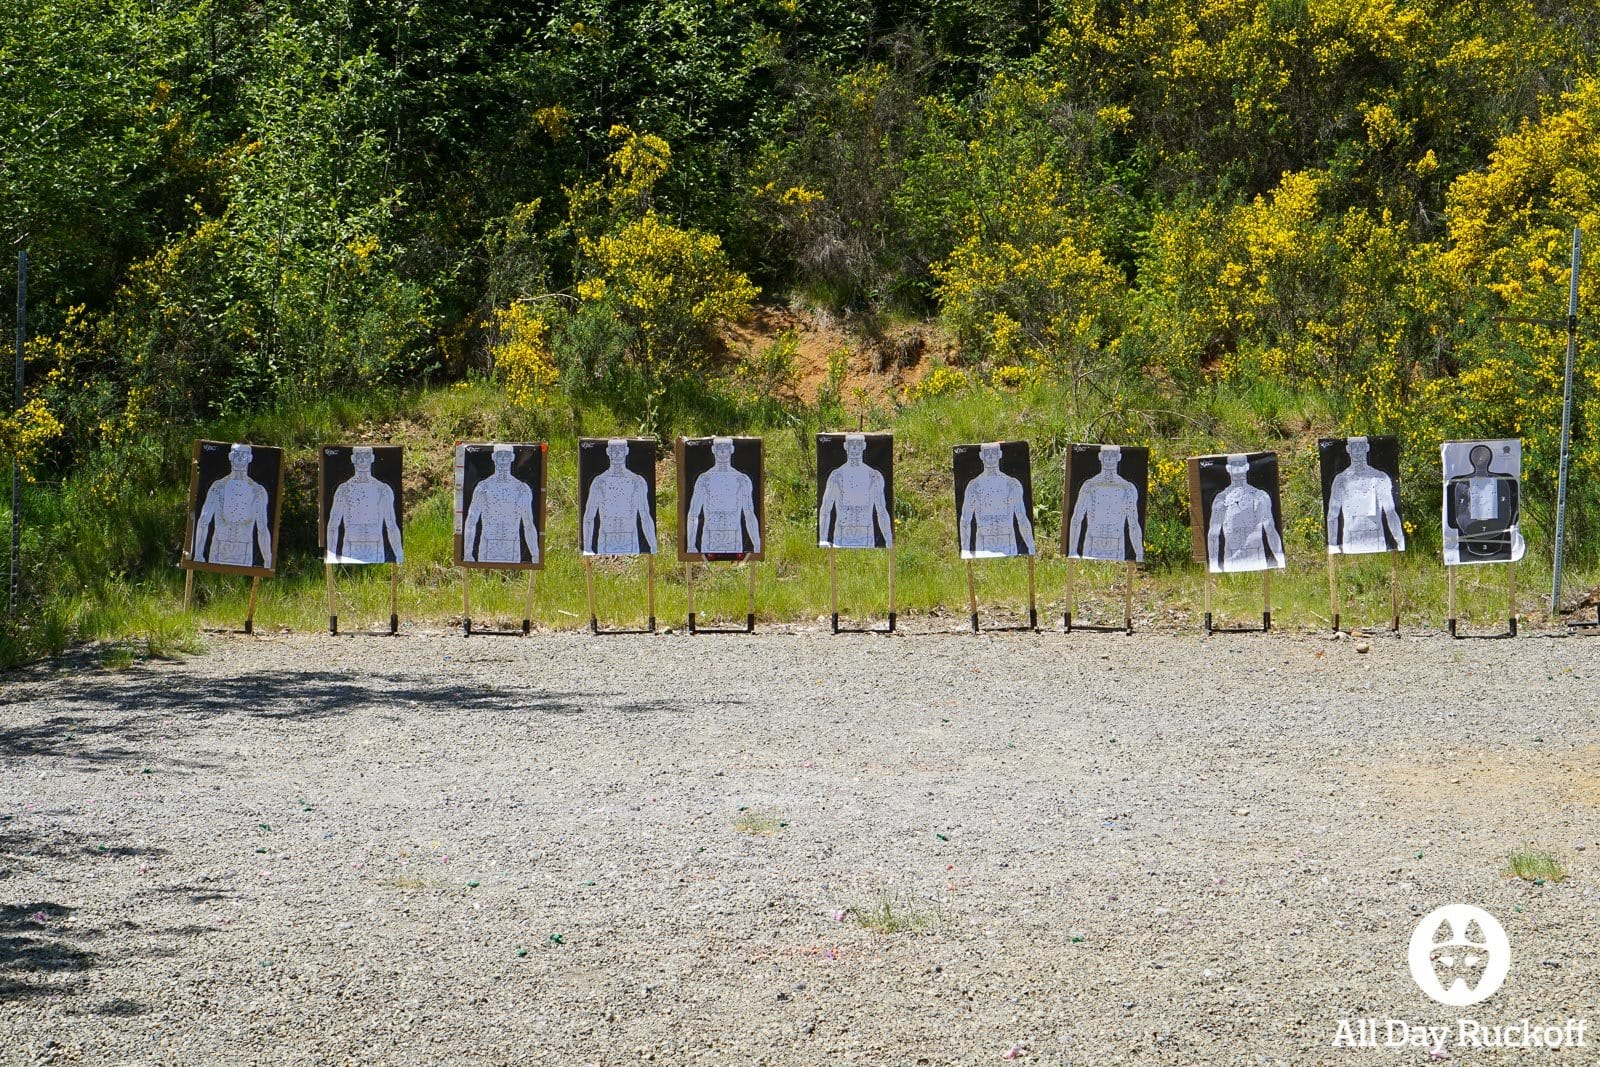 GORUCK FAD Seattle Pistol Targets